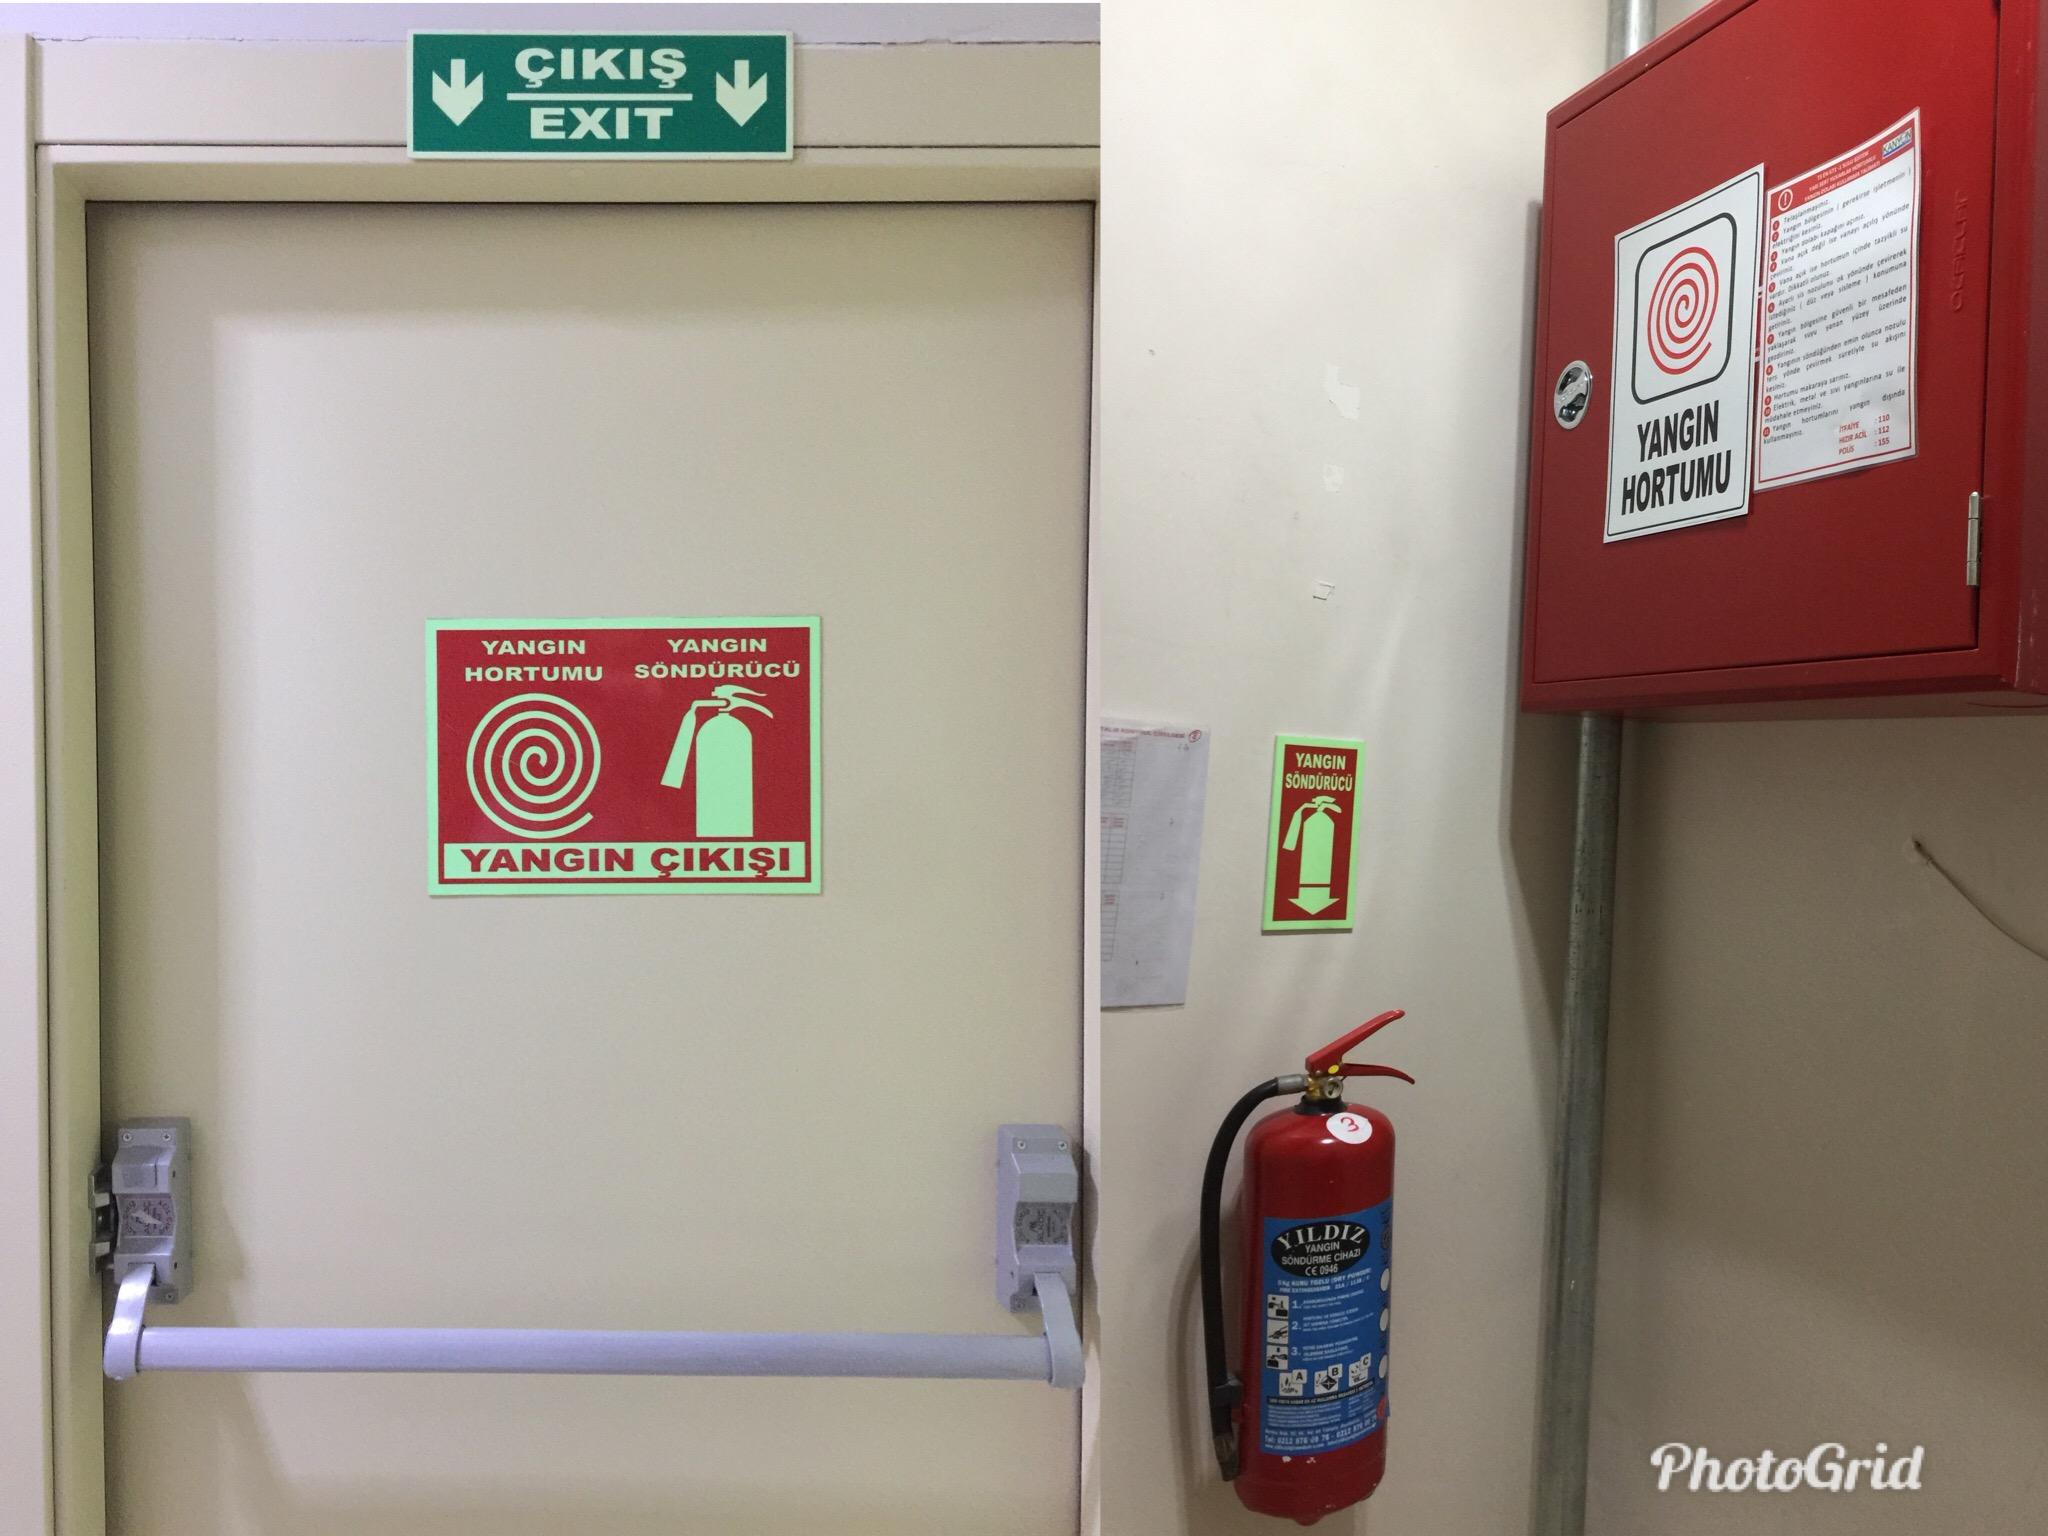 Yangın güvenlik önlemleri